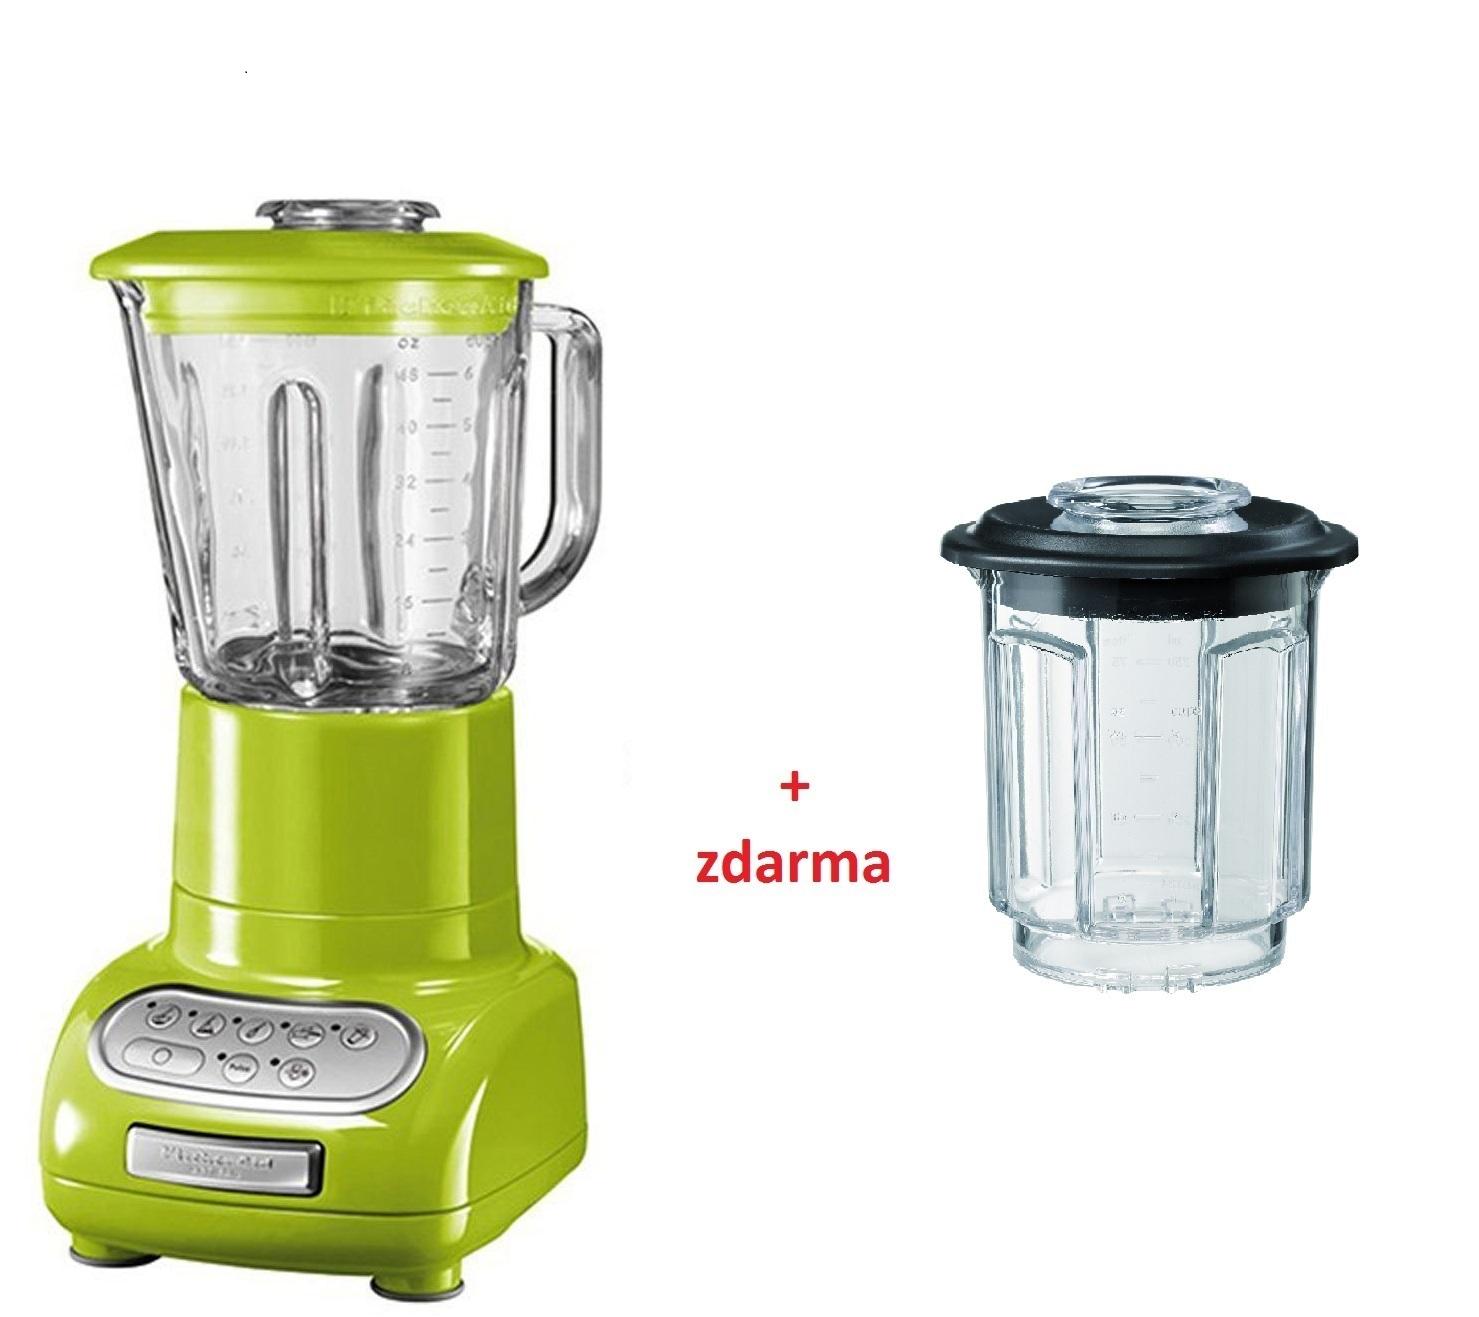 Kuchyňský mixér Artisan zelené jablko - KitchenAid